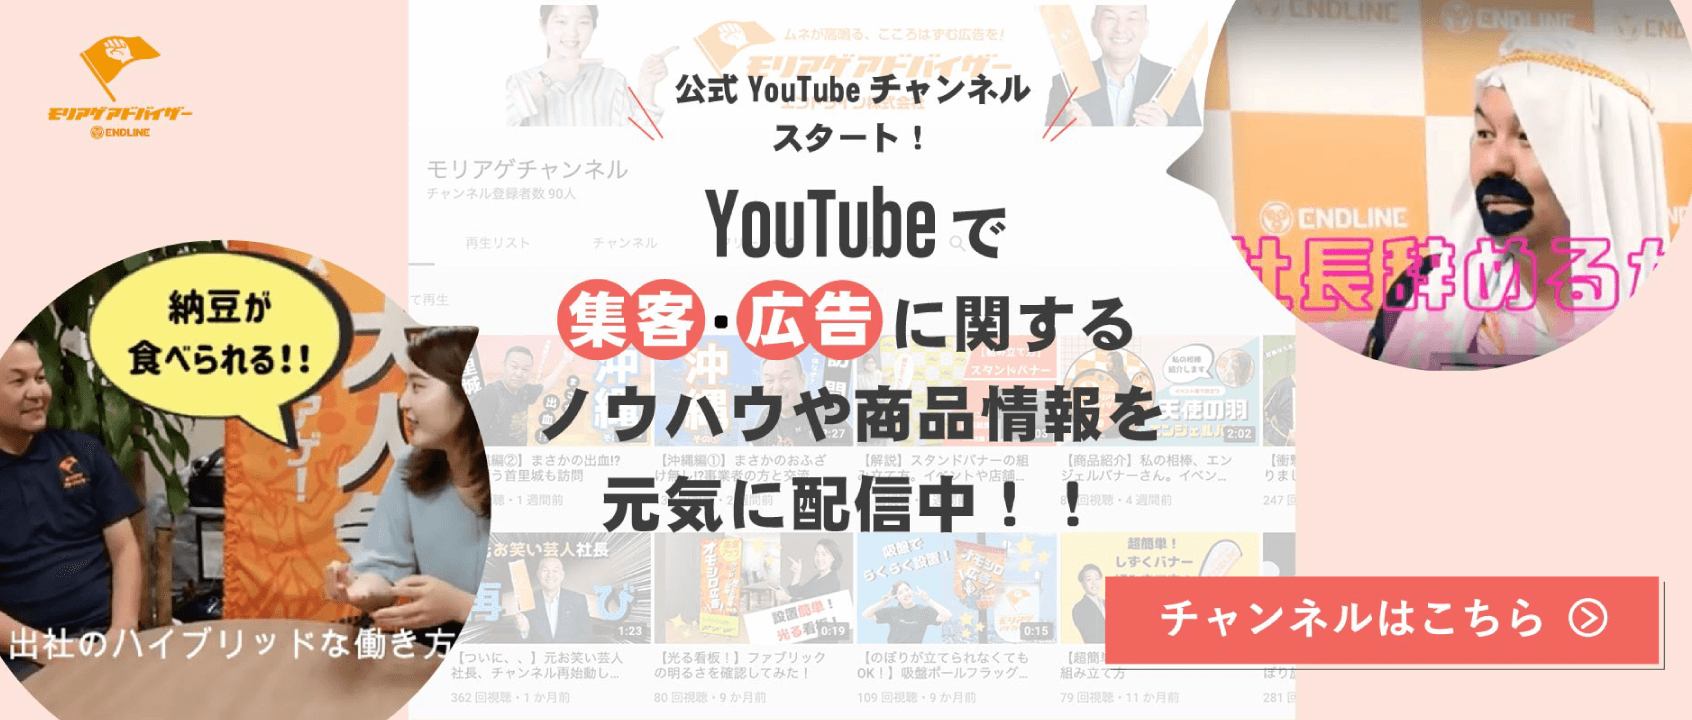 エンドライン公式YouTubeチャンネルスタート!